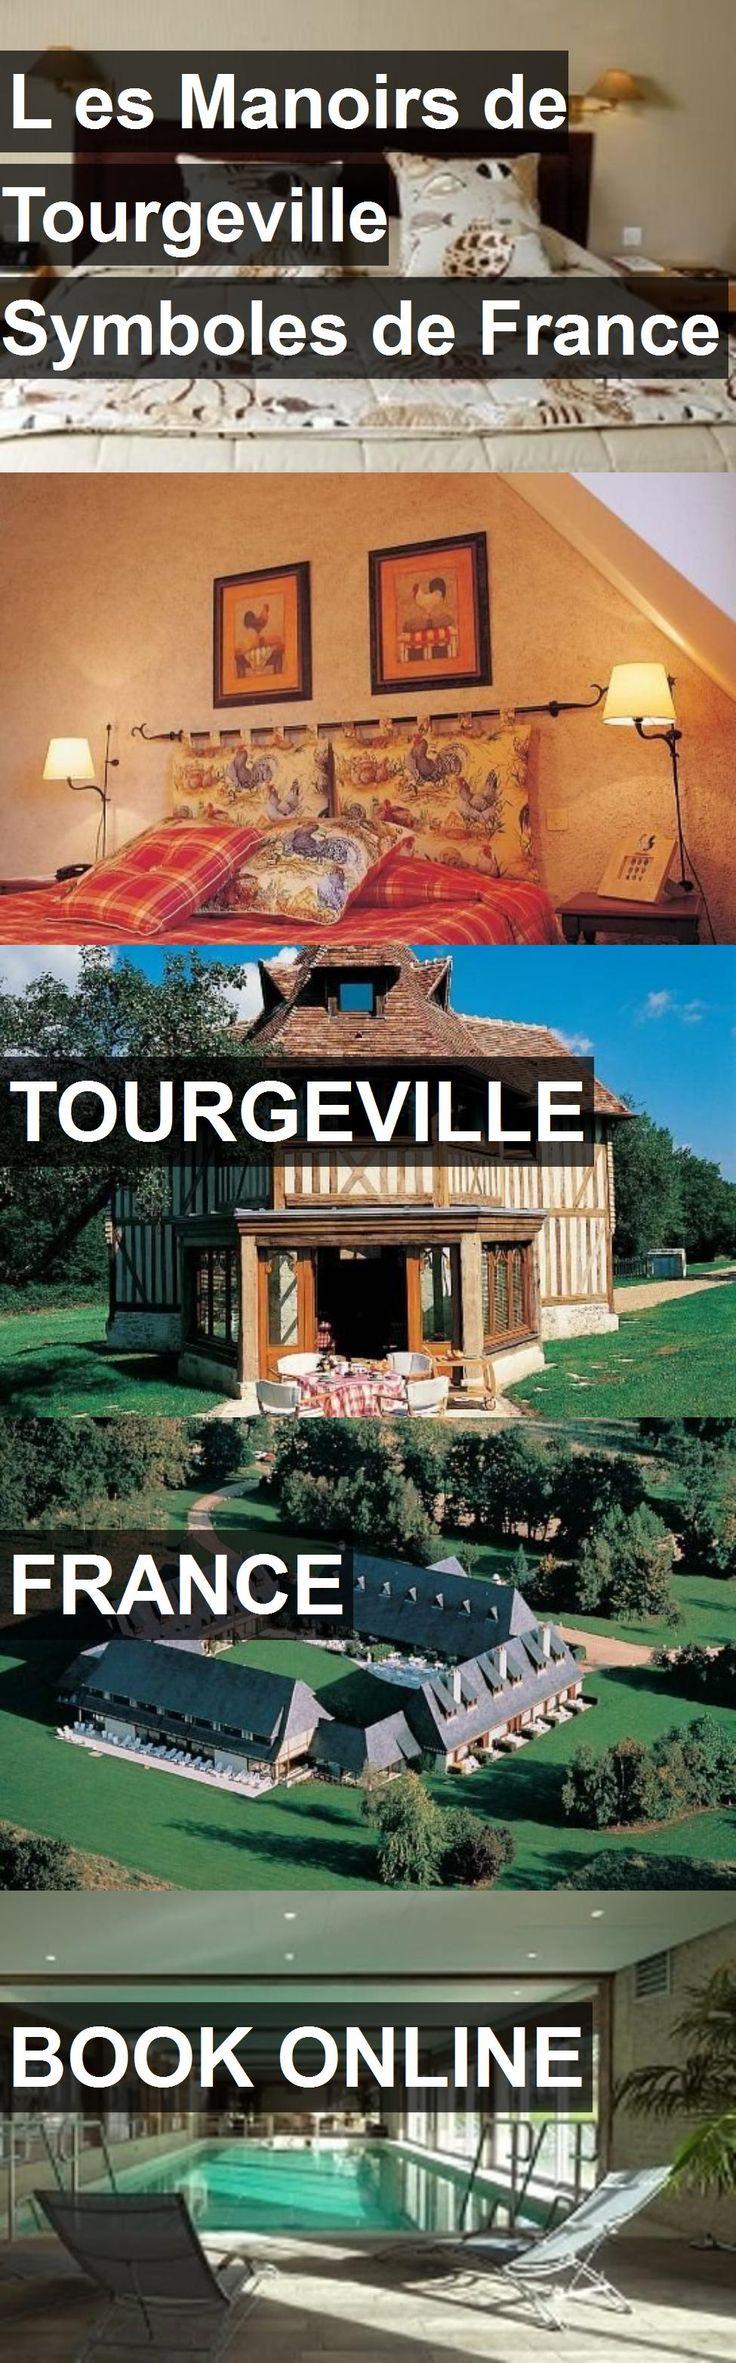 Hotel L es Manoirs de Tourgeville Symboles de France in Tourgeville, France. For more information, photos, reviews and best prices please follow the link. #France #Tourgeville #hotel #travel #vacation